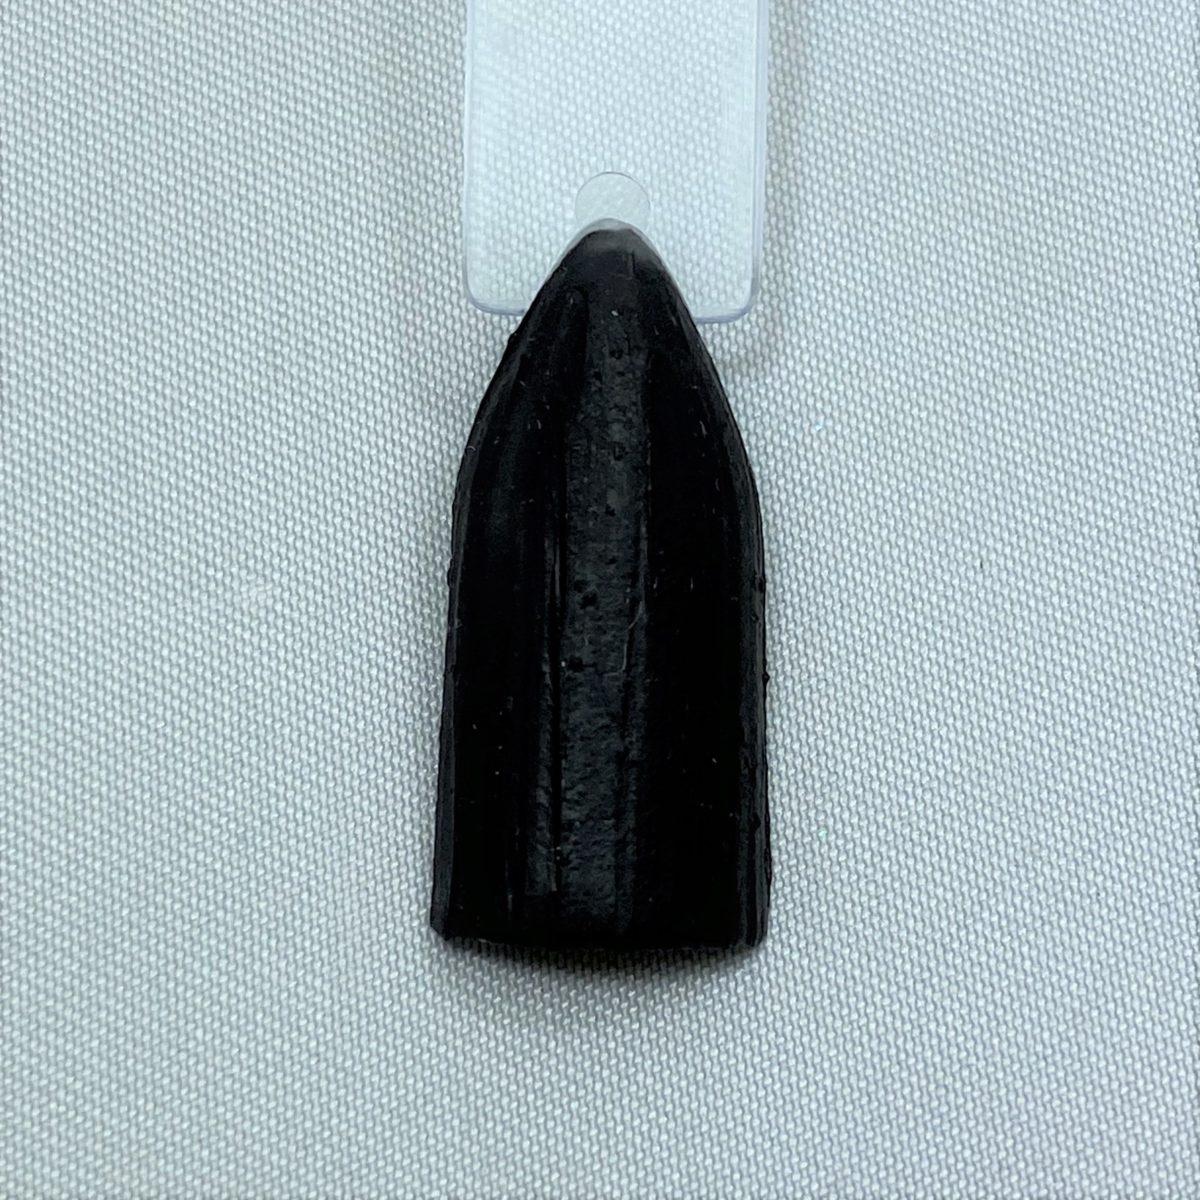 Melty Gel (メルティジェル) 3Dアートジェル Black